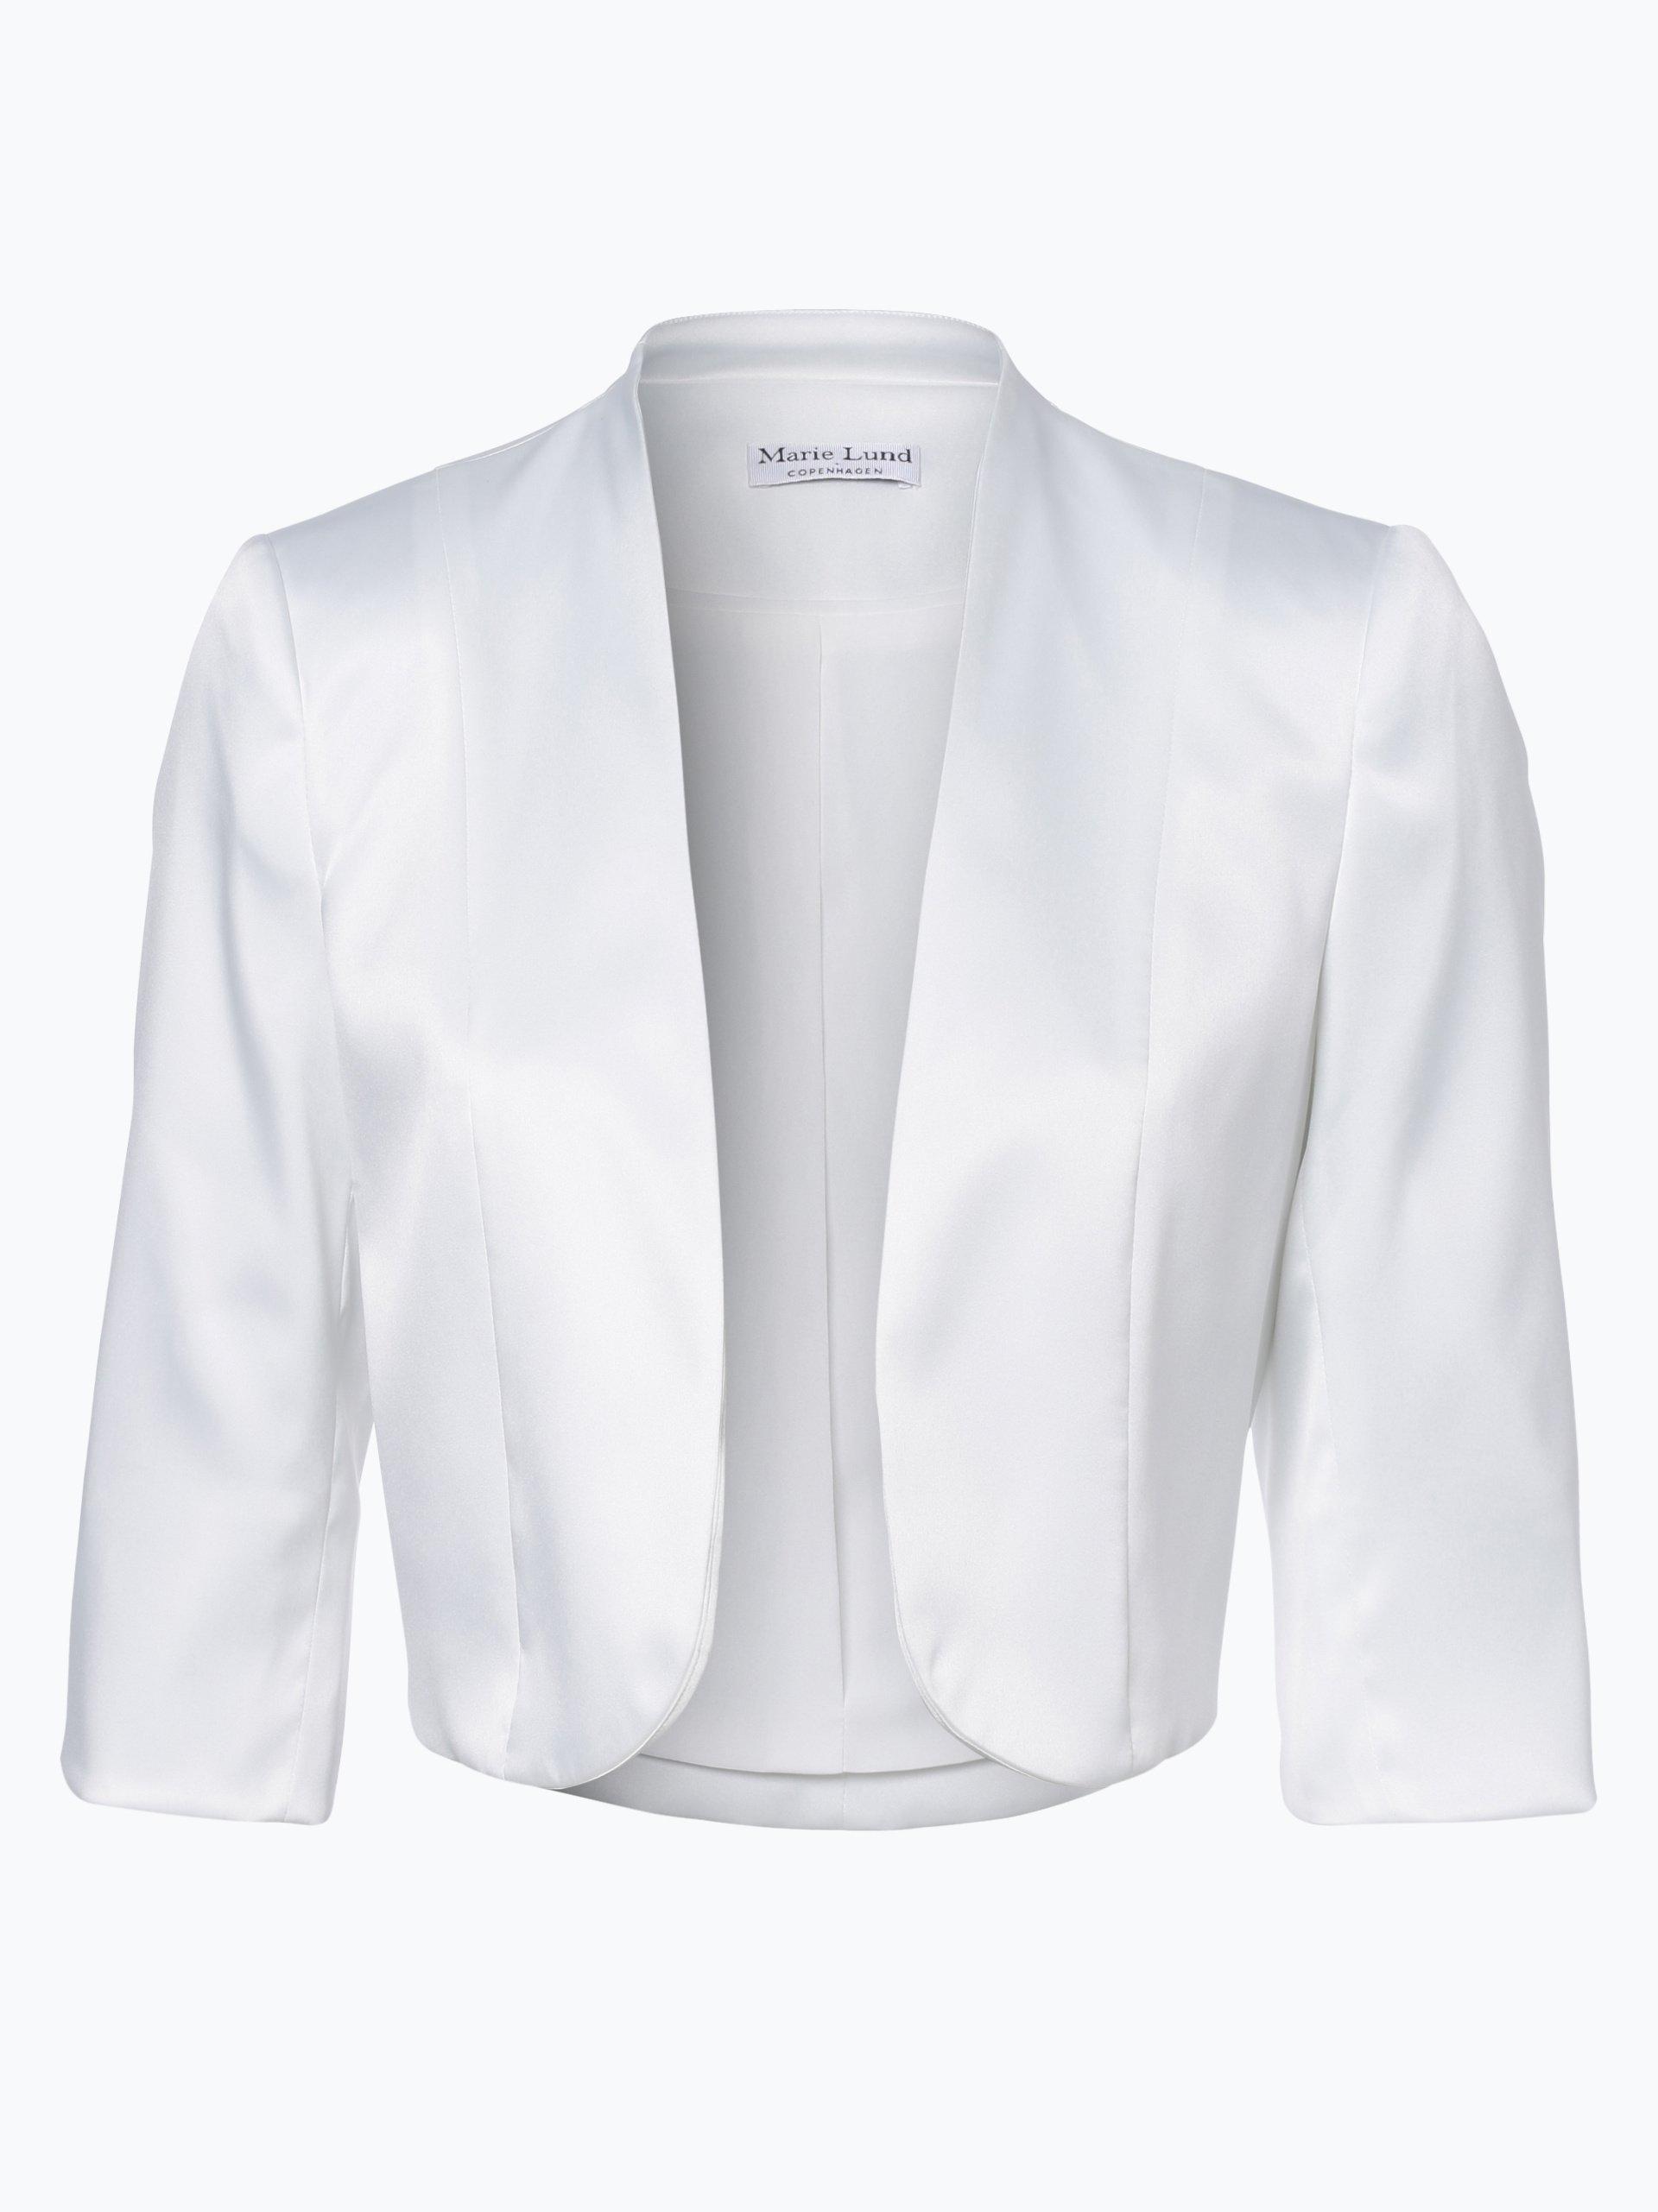 Marie lund damen bolero ecru uni online kaufen vangraaf com for Garderobe bolero